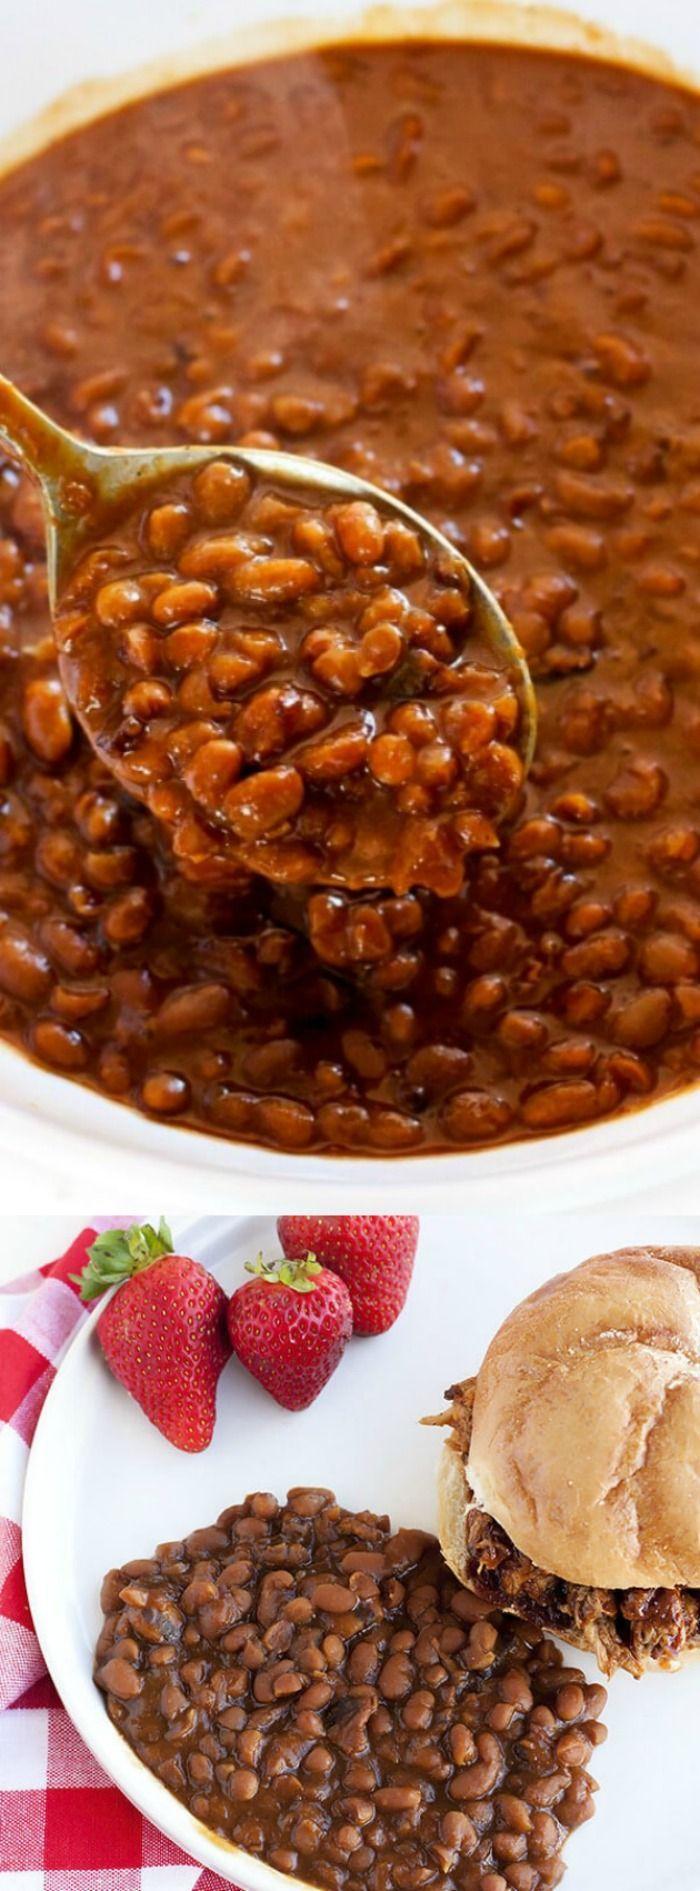 100+ Baked Bean Recipes on Pinterest | Bake Beans, Boston Baked Beans ...